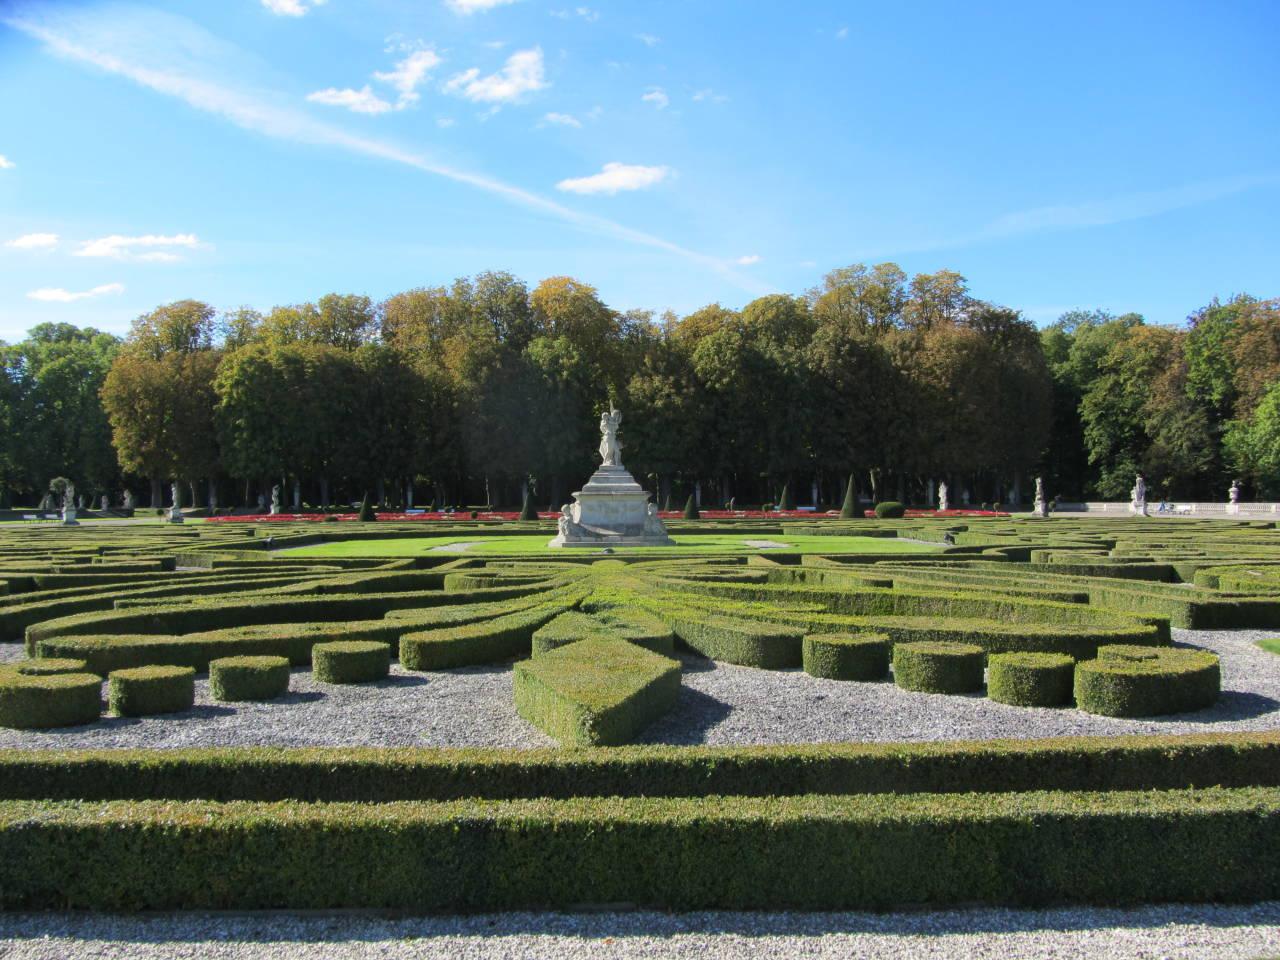 Venusinsel Schlosspark Nordkirchen